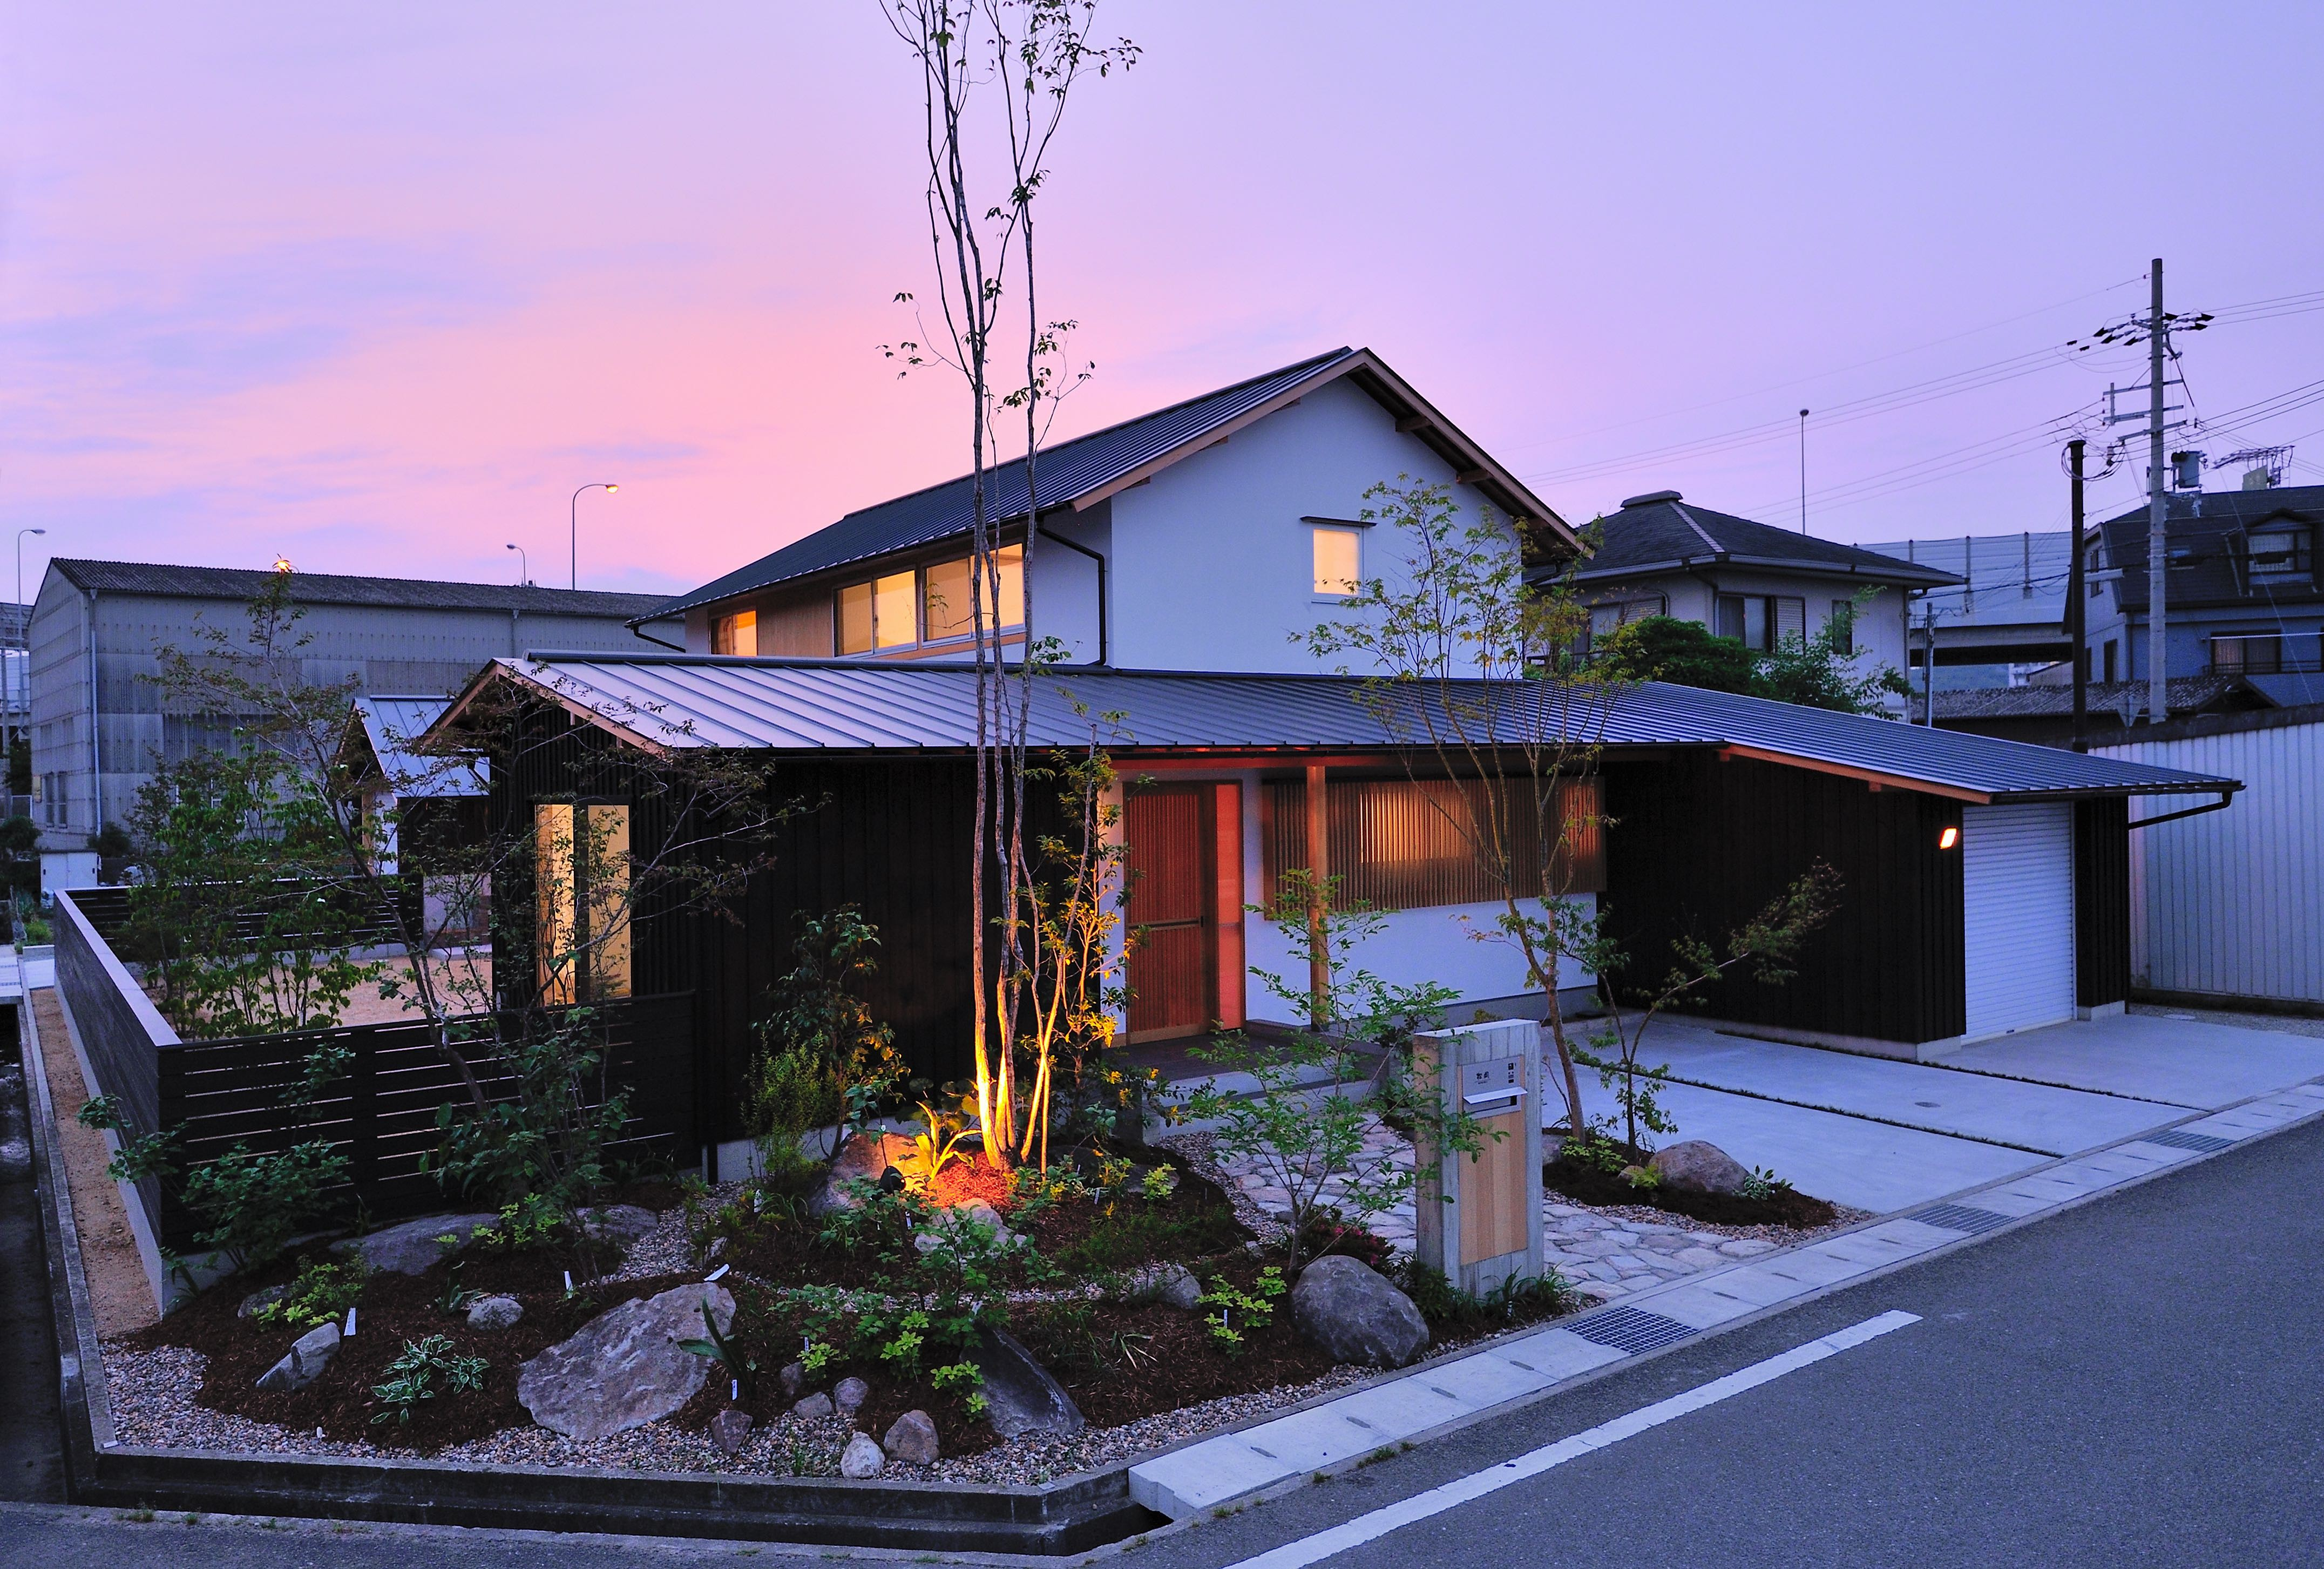 外観事例:夕景(ウッドデッキで繋がる空間|趣味を楽しむ住まい 姫路の家)